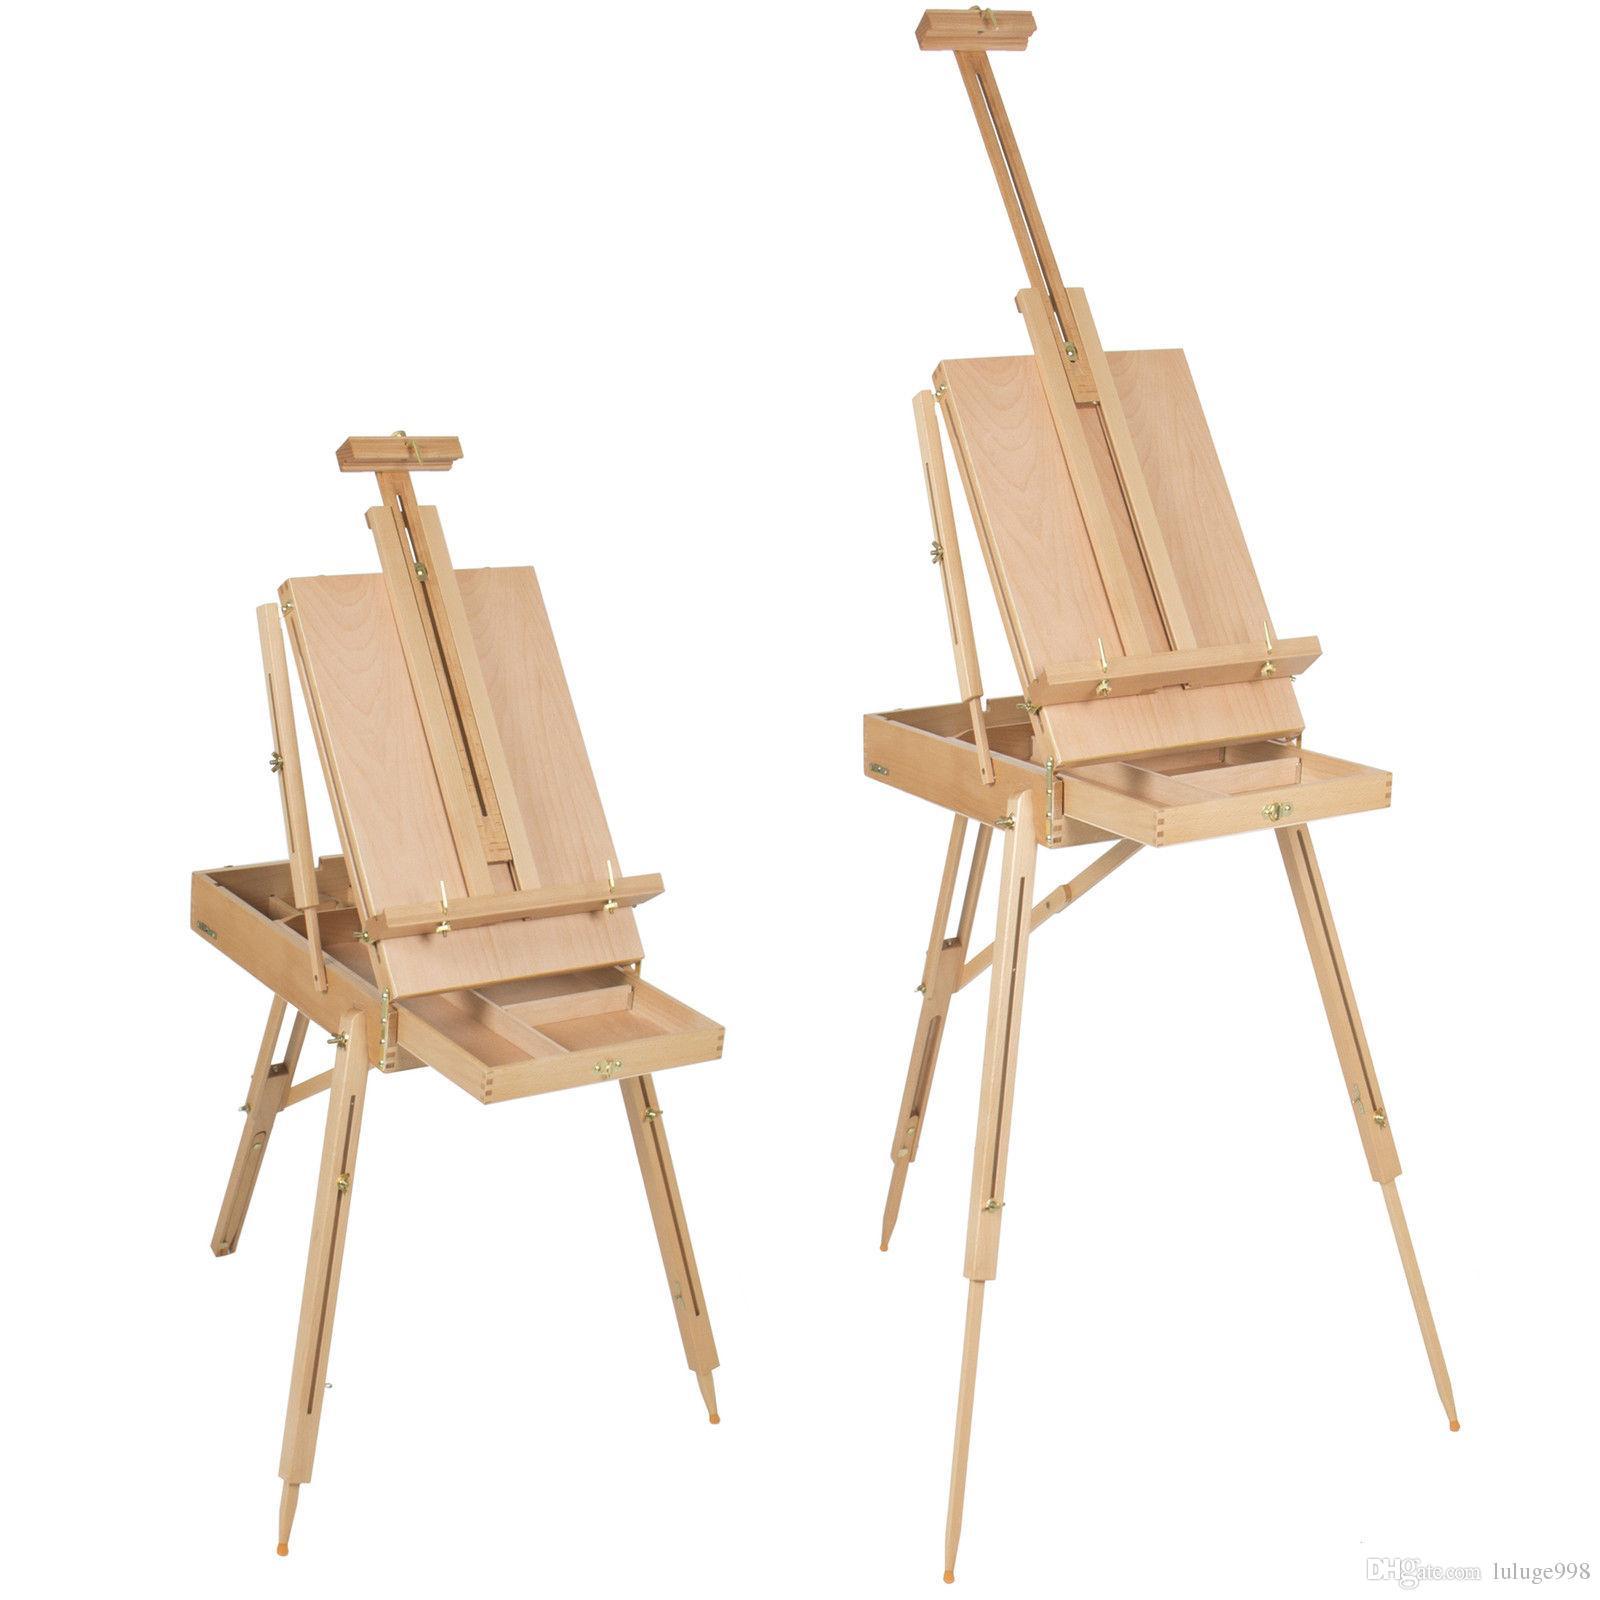 الفرنسية الحامل الخشبي رسم صندوق محمولة قابلة للطي الفن الفنان الرسامين ترايبود جديد